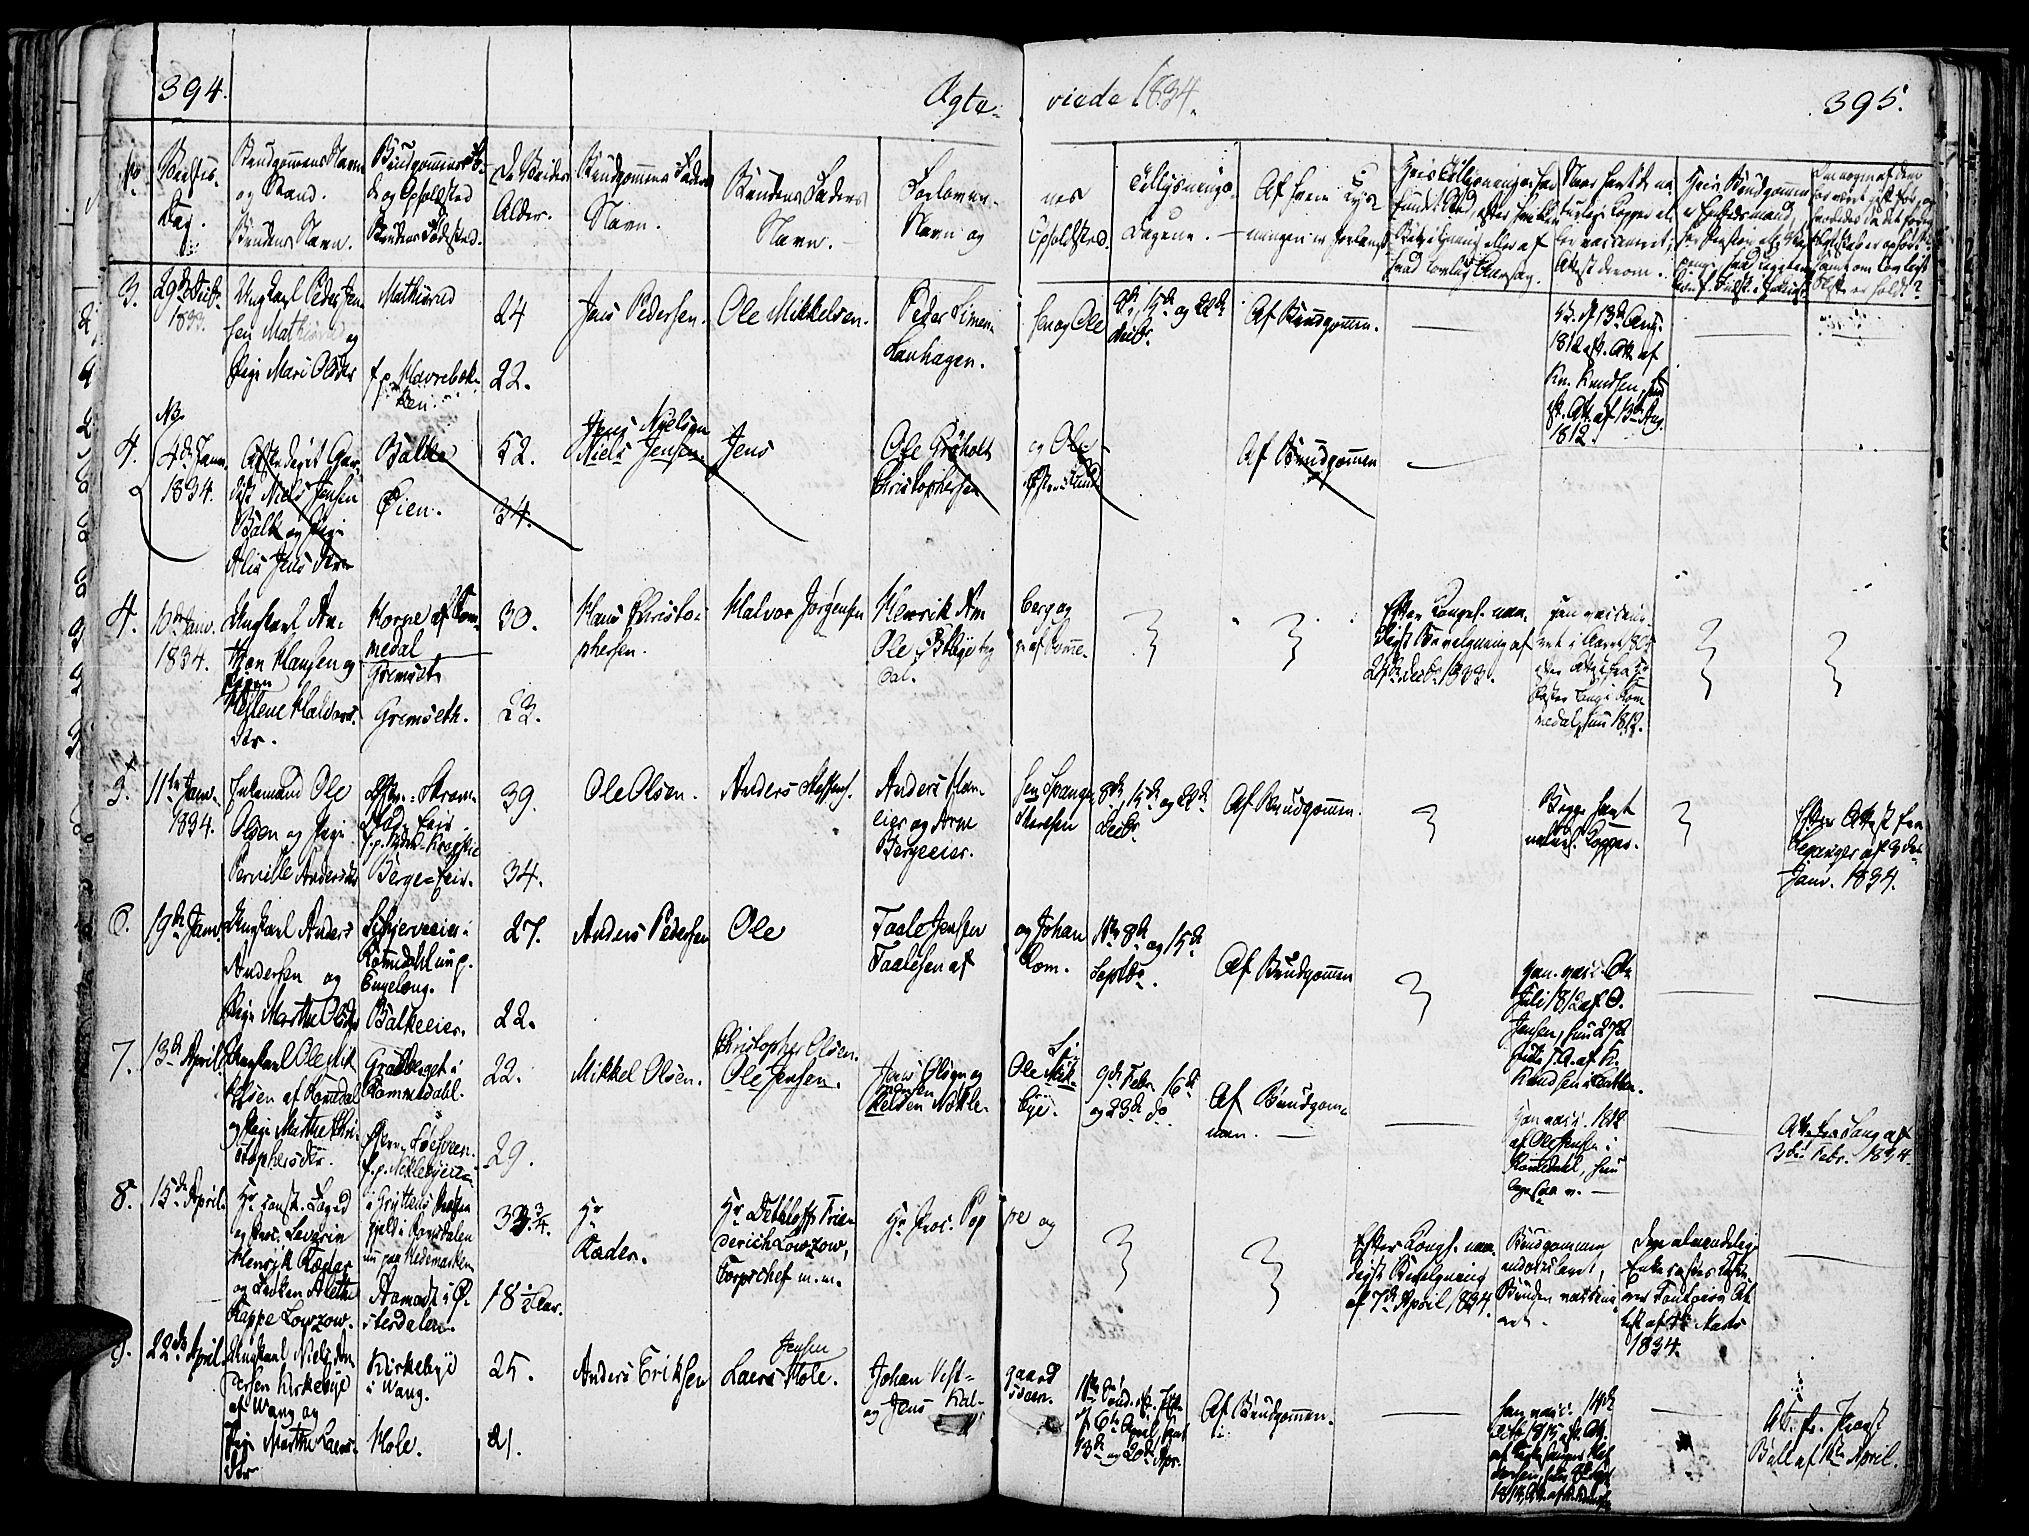 SAH, Løten prestekontor, K/Ka/L0006: Parish register (official) no. 6, 1832-1849, p. 394-395